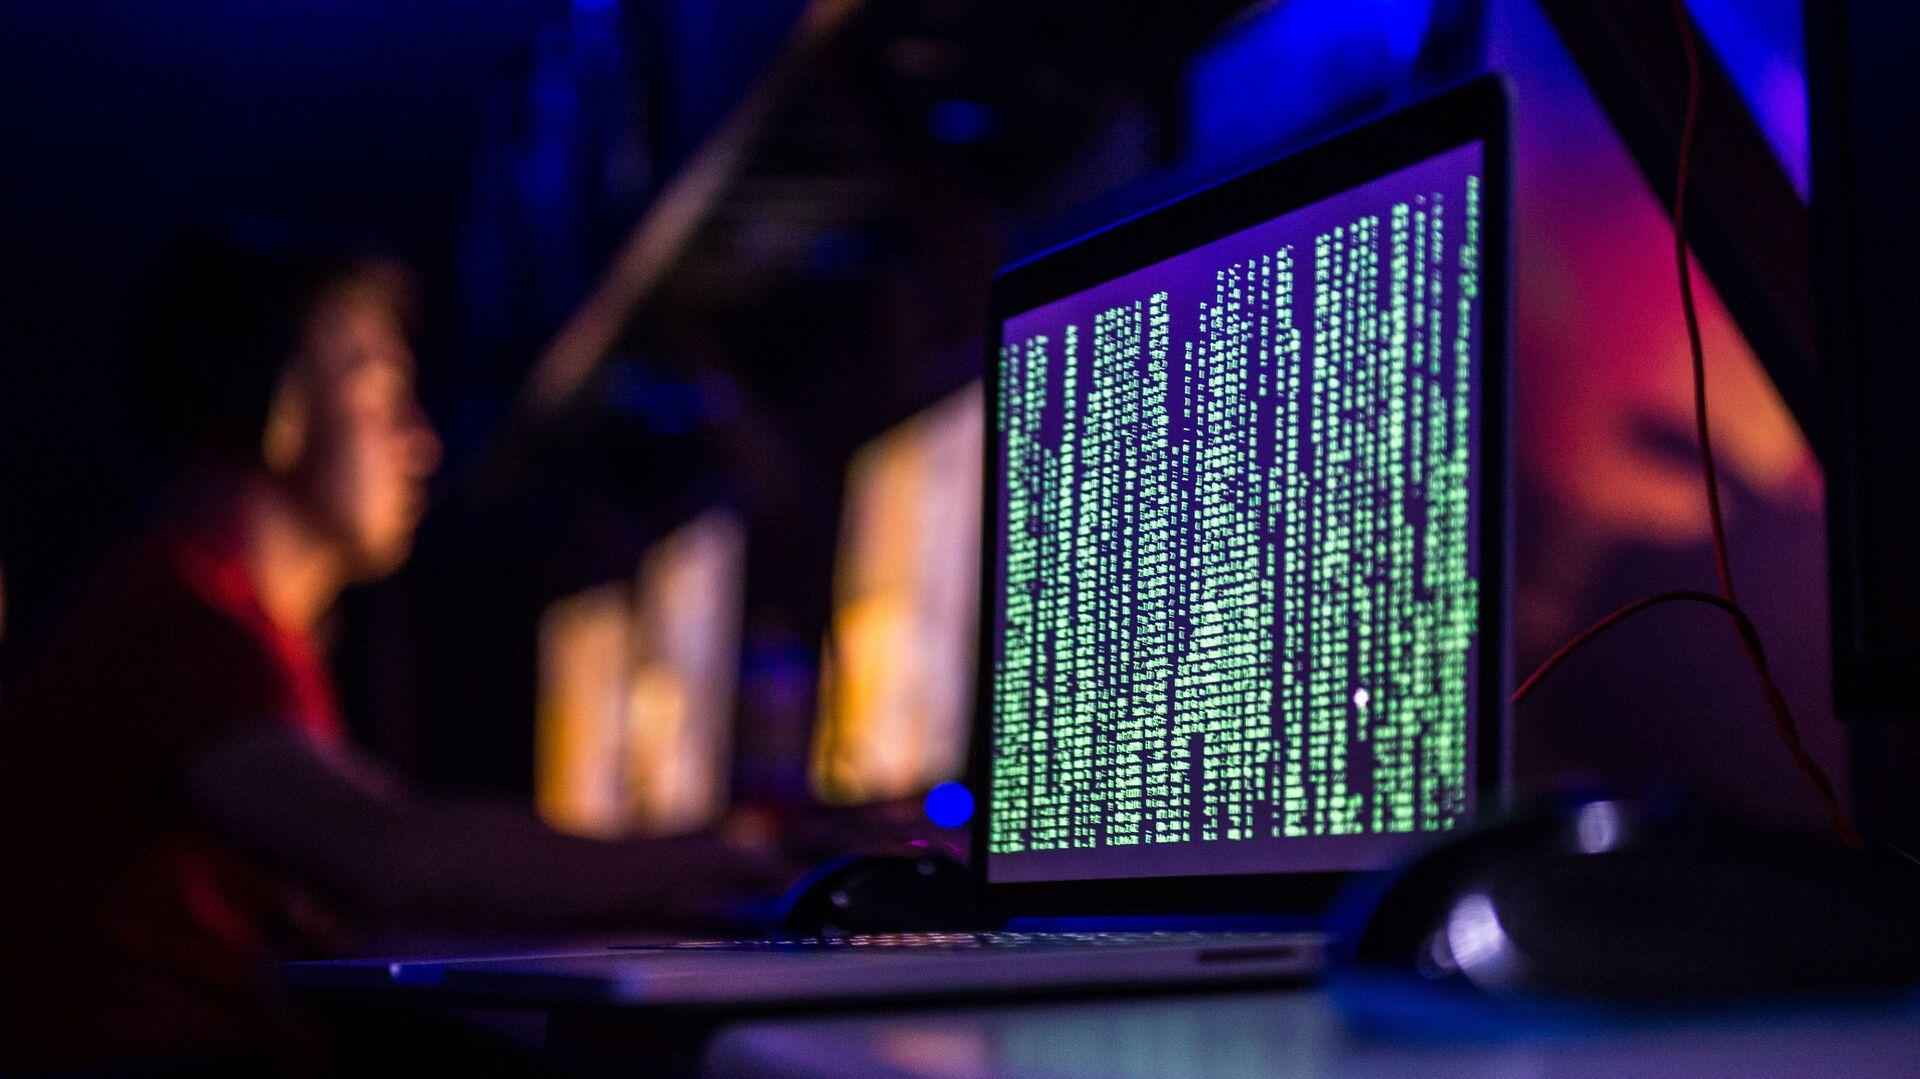 Глобальная атака вируса-вымогателя поразила IT-системы компаний в нескольких странах мира - РИА Новости, 1920, 31.05.2021